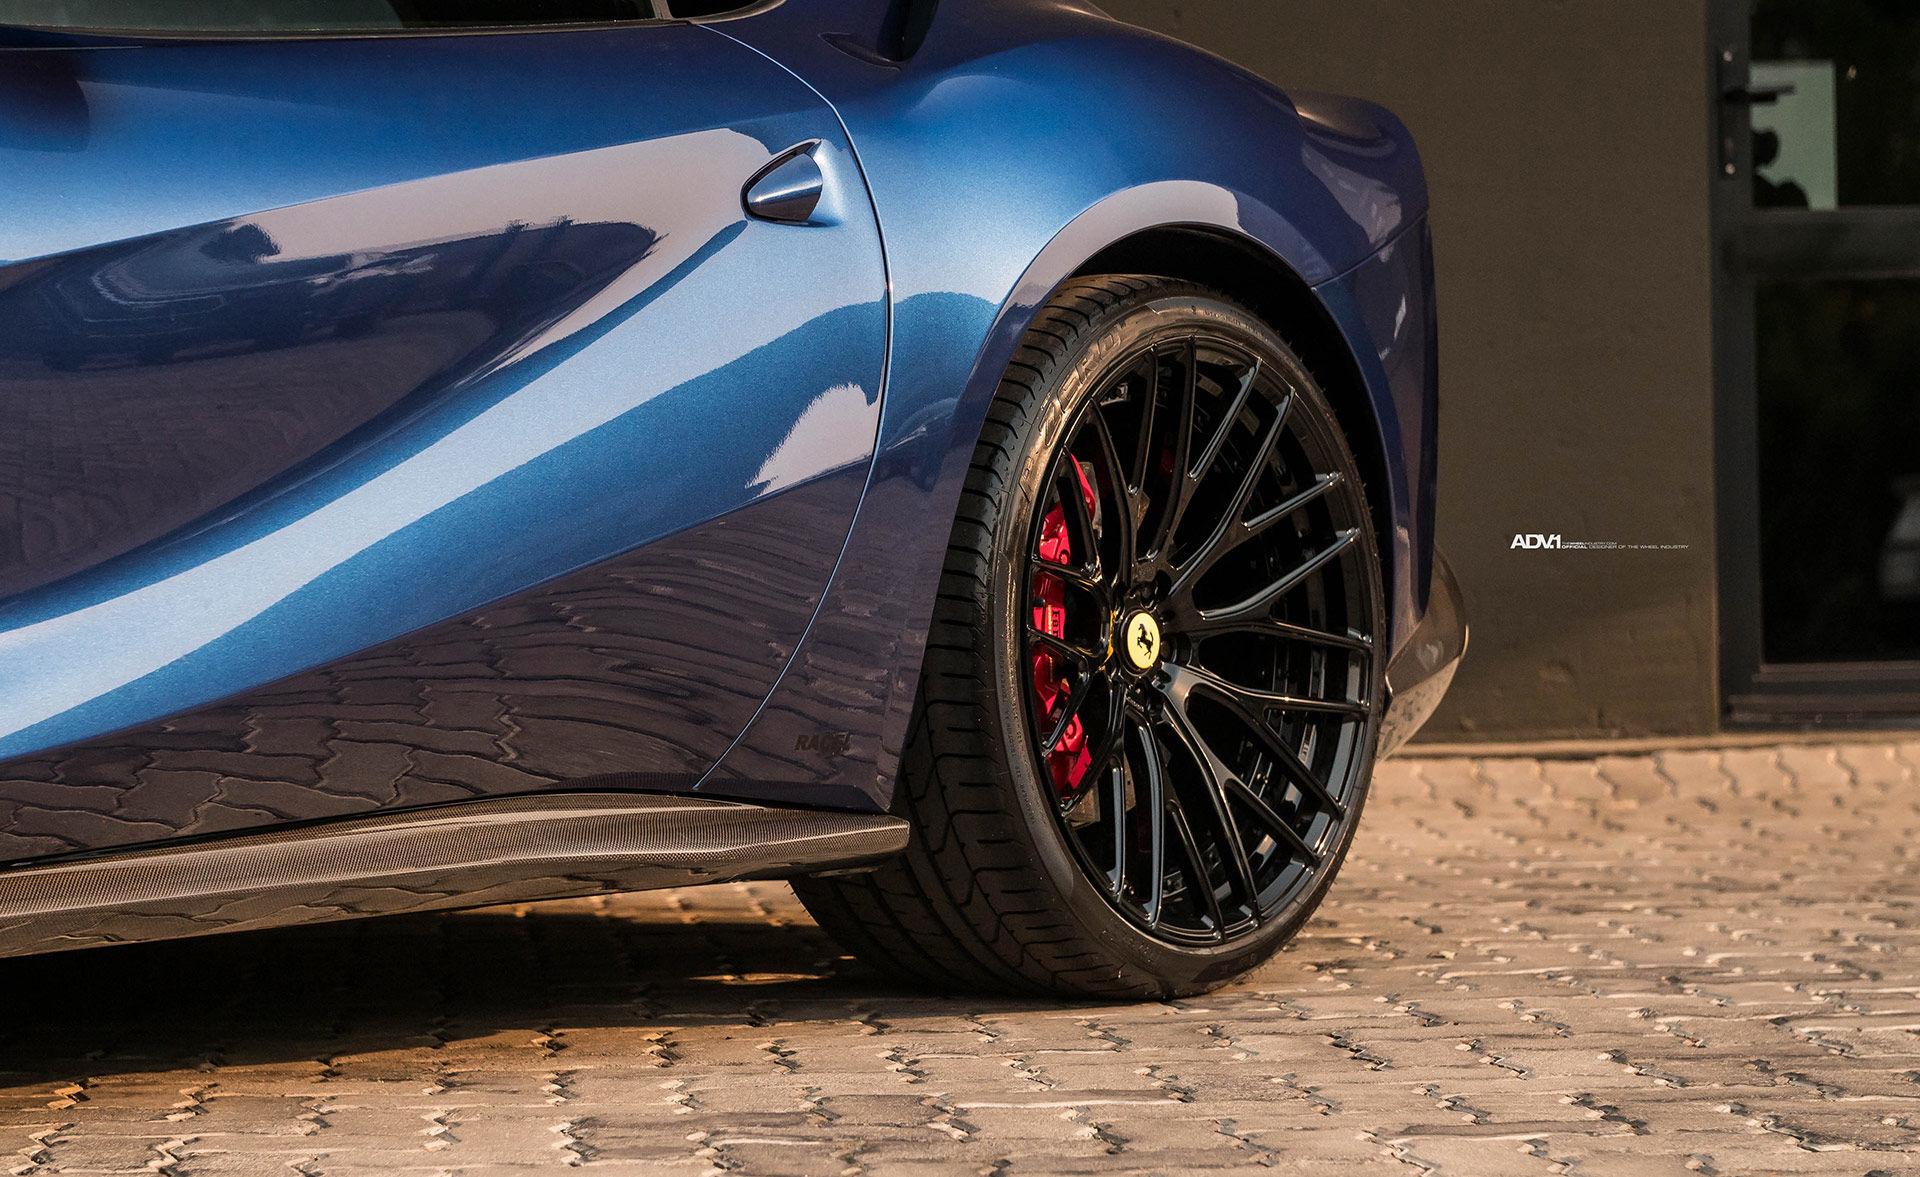 Ferrari F12 Berlinetta | Ferrari 812 Superfast - ADV.1 ADV10.0 M.V2 Super Light Series Wheels